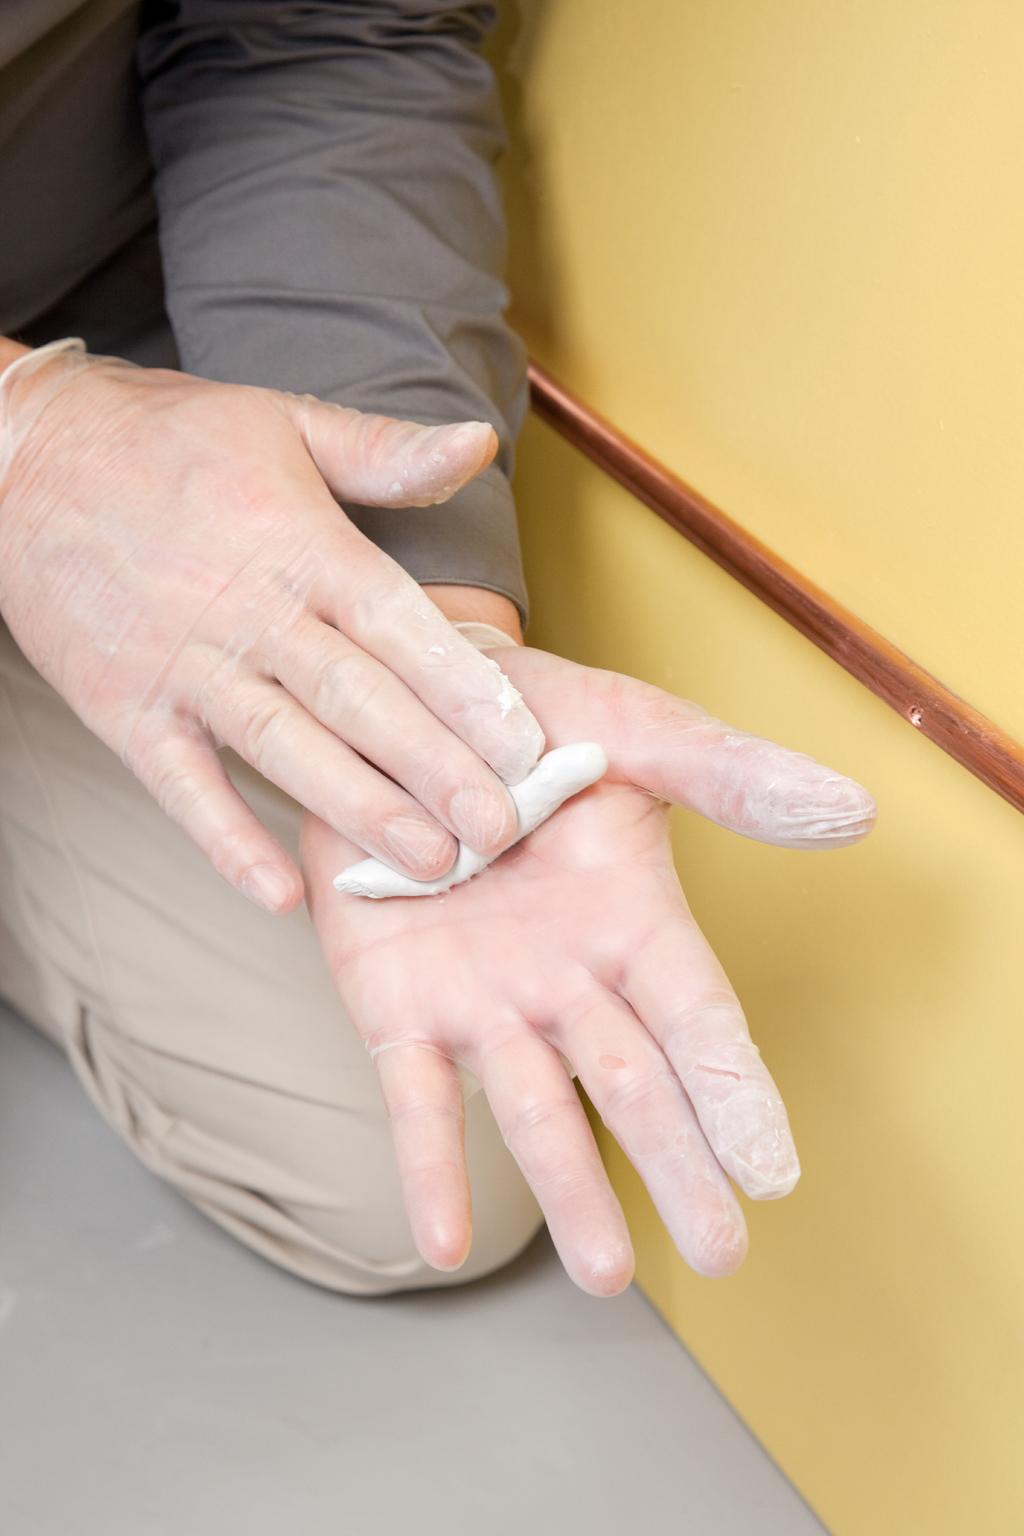 Comment utiliser de la pate a reparer